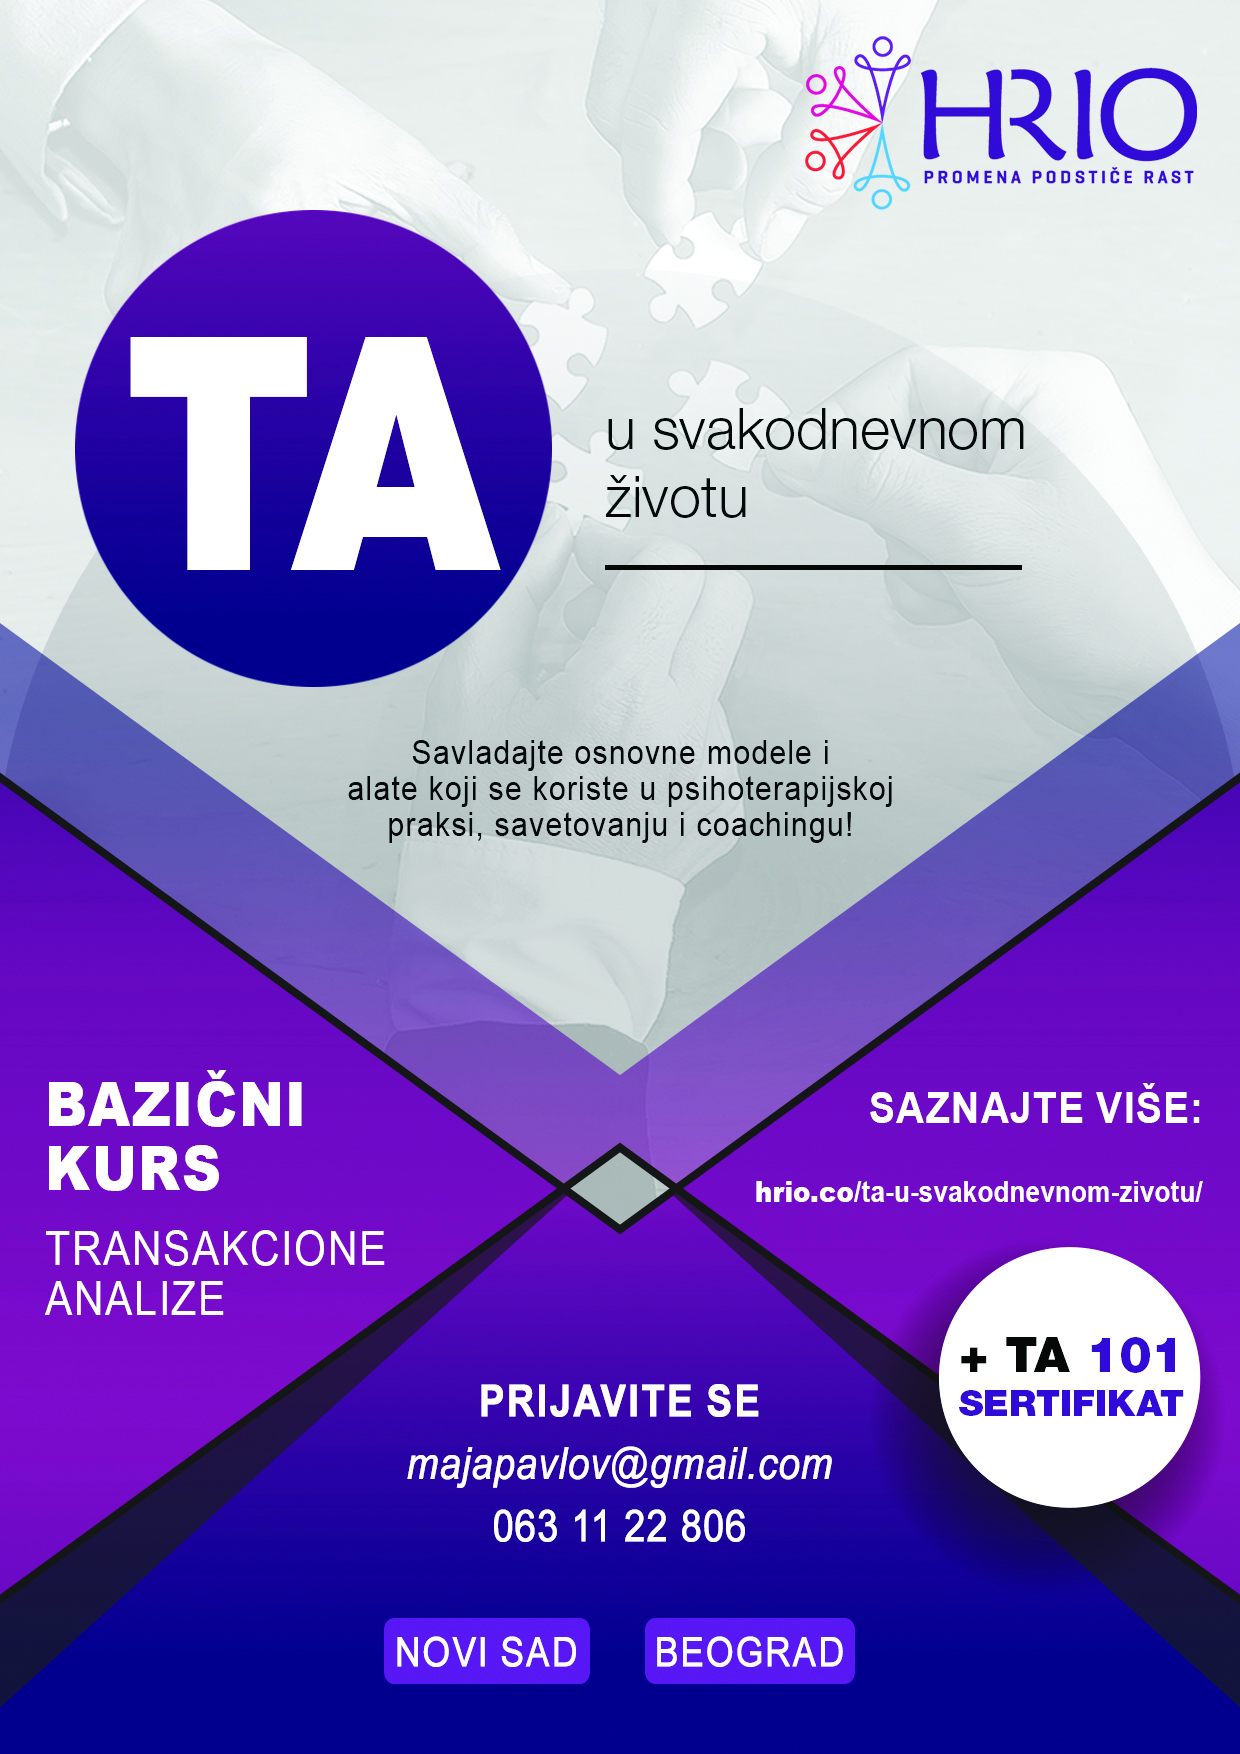 TA 101 u Beogradu